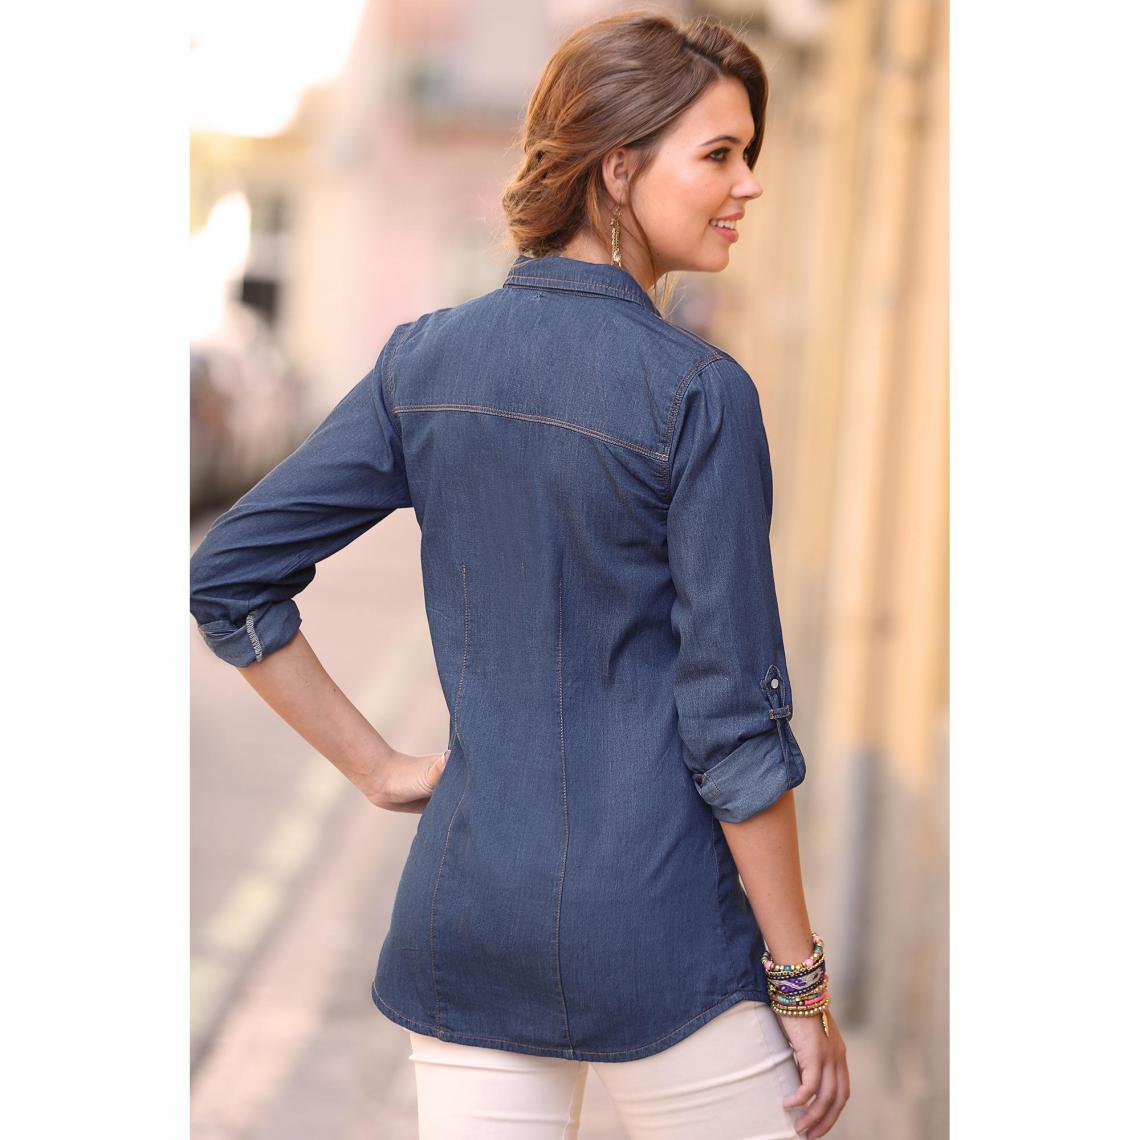 17a3497fb6 Chemise en jean manches longues ajustables femme - Bleu | 3 SUISSES